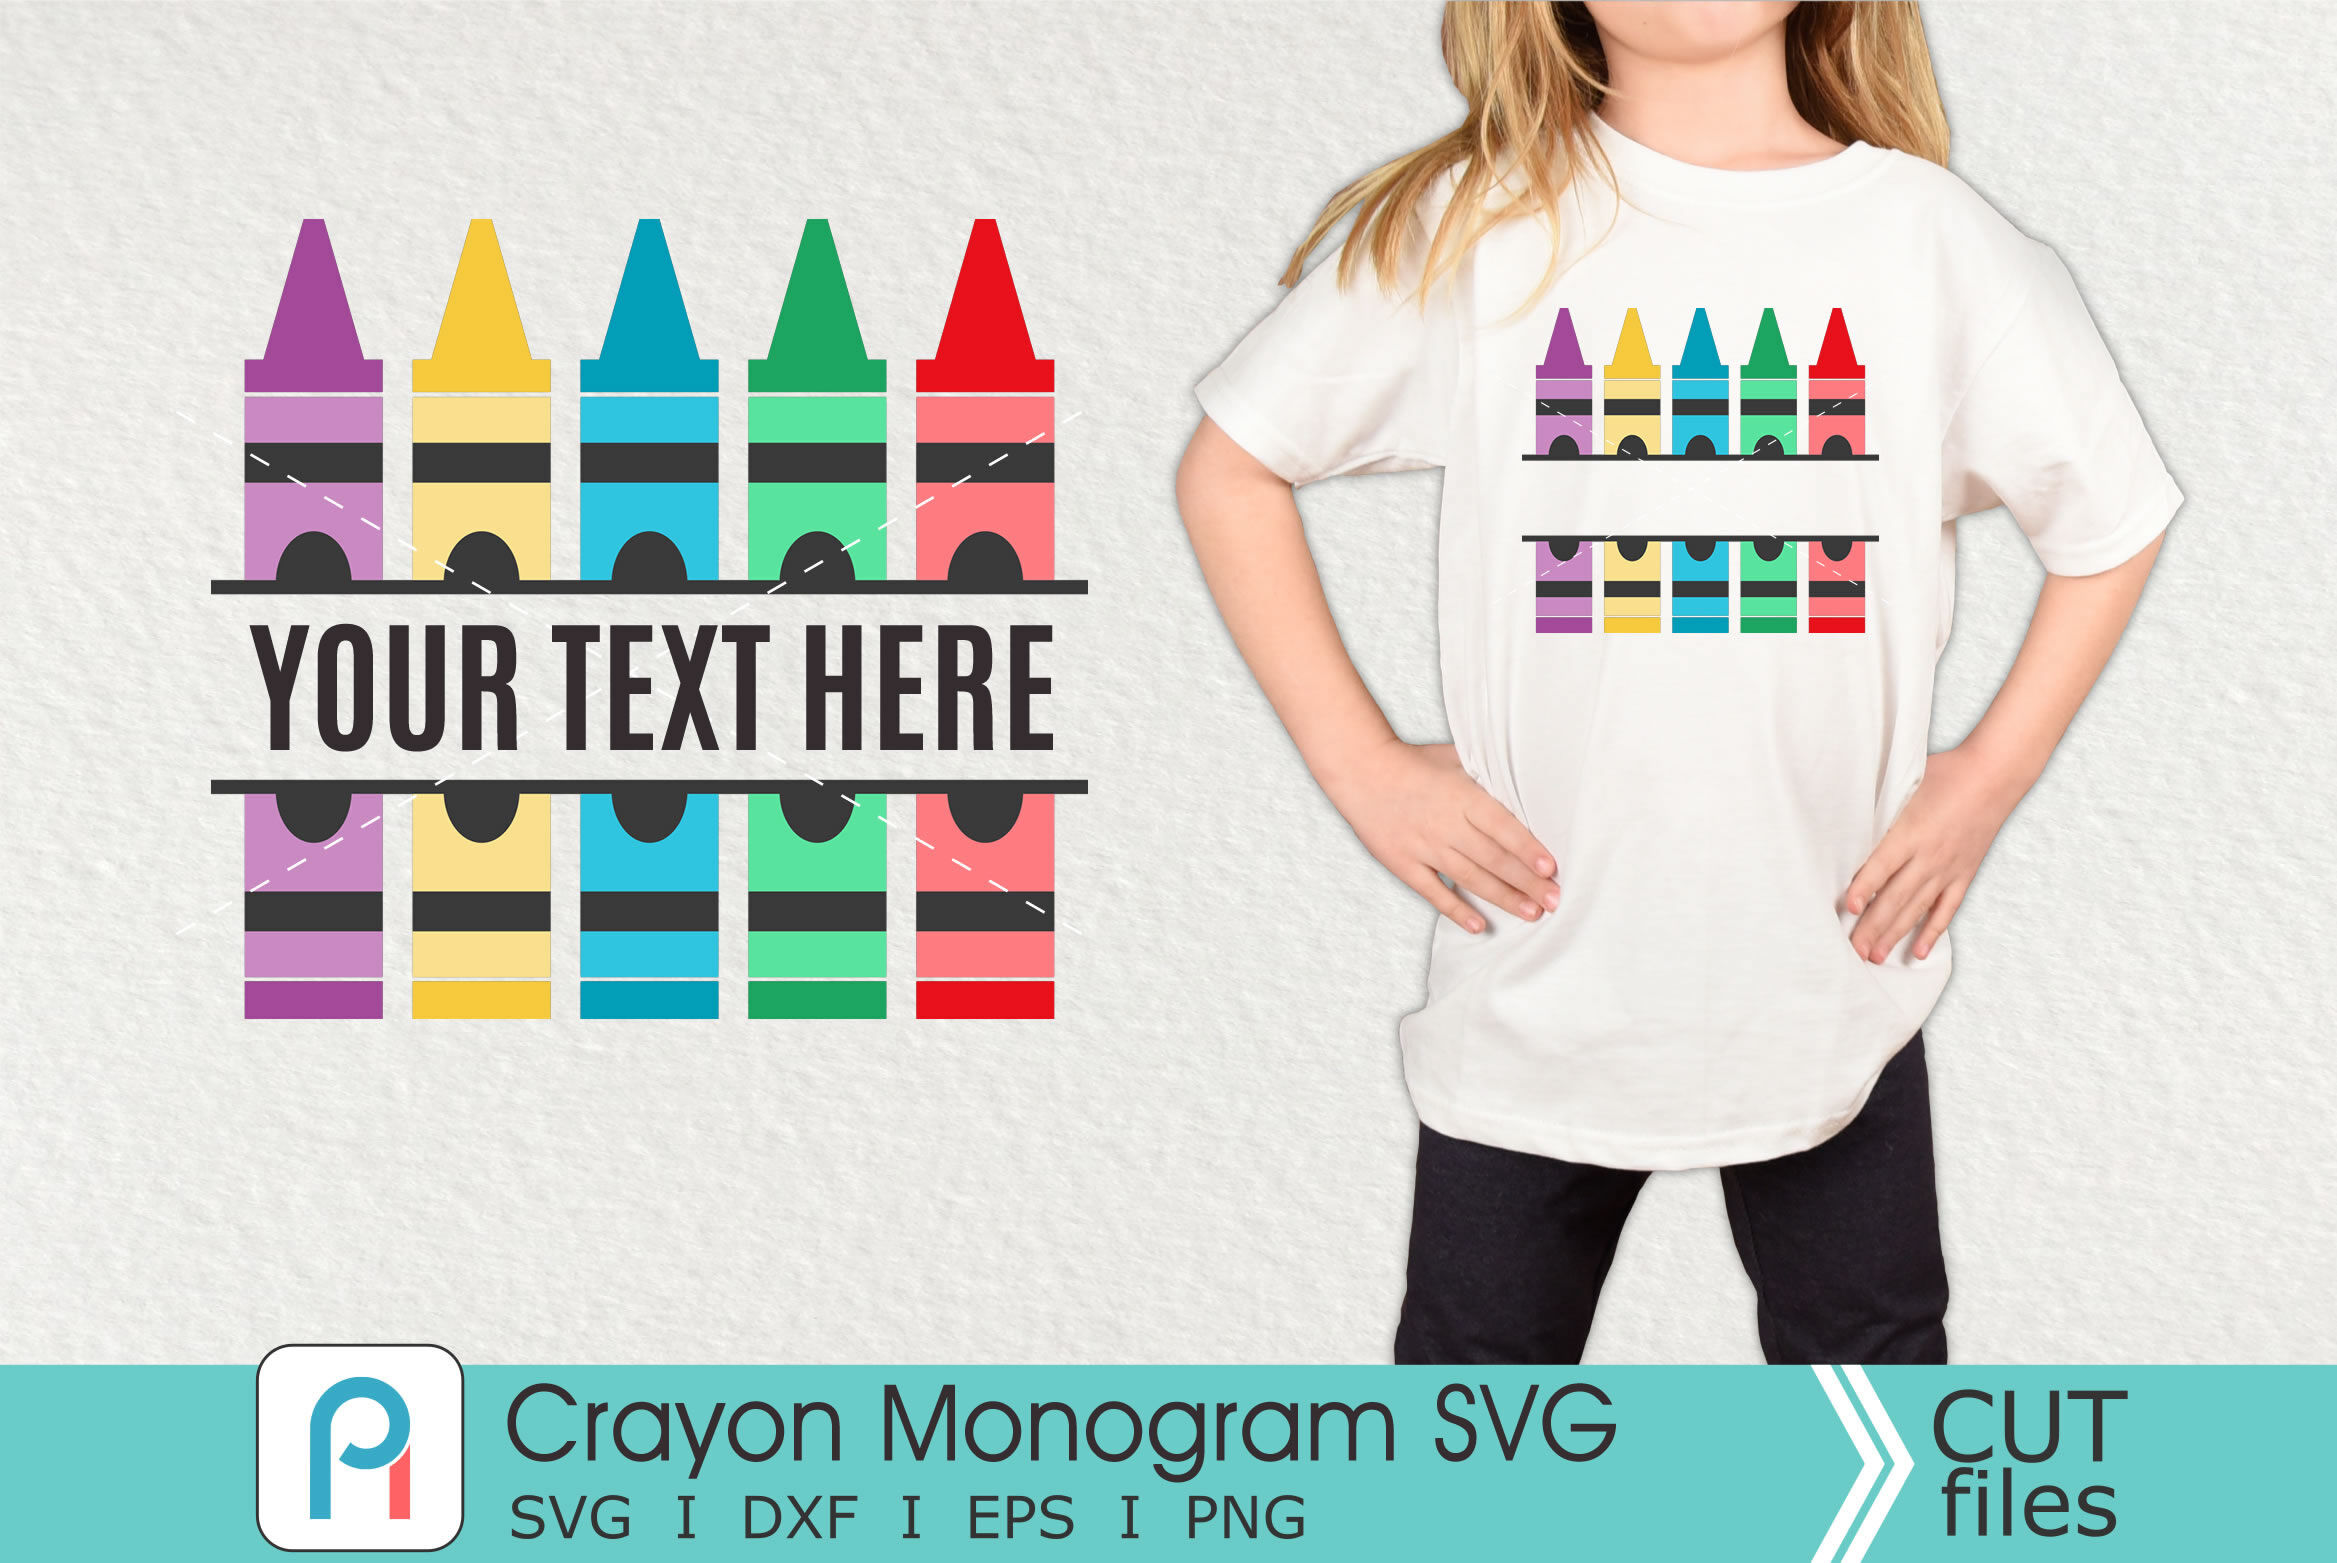 Crayon Monogram Svg Crayon Svg Crayon Clip Art By Pinoyart